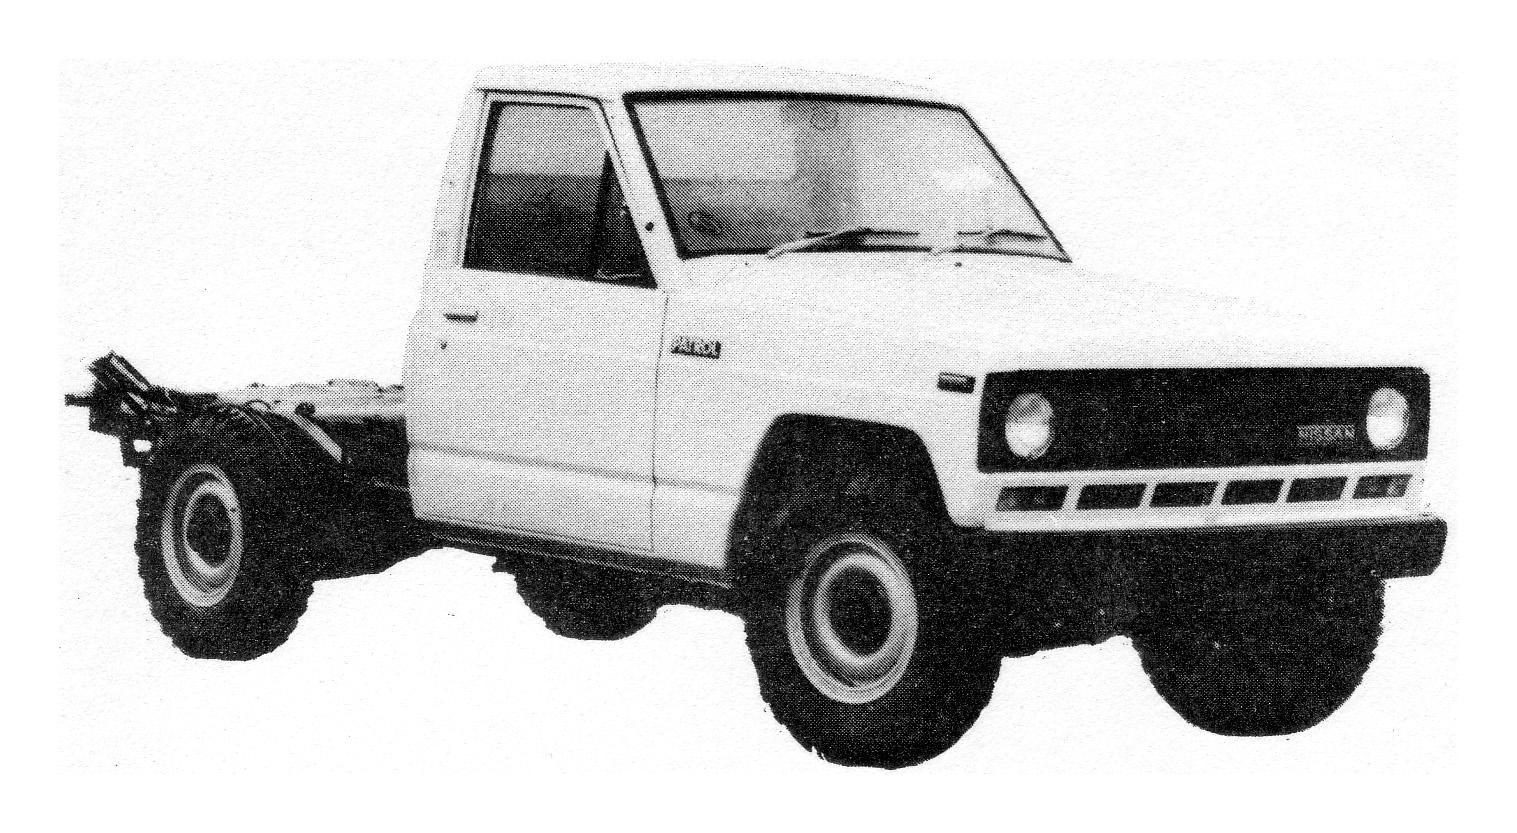 Datsun Patrol Datsun 1000